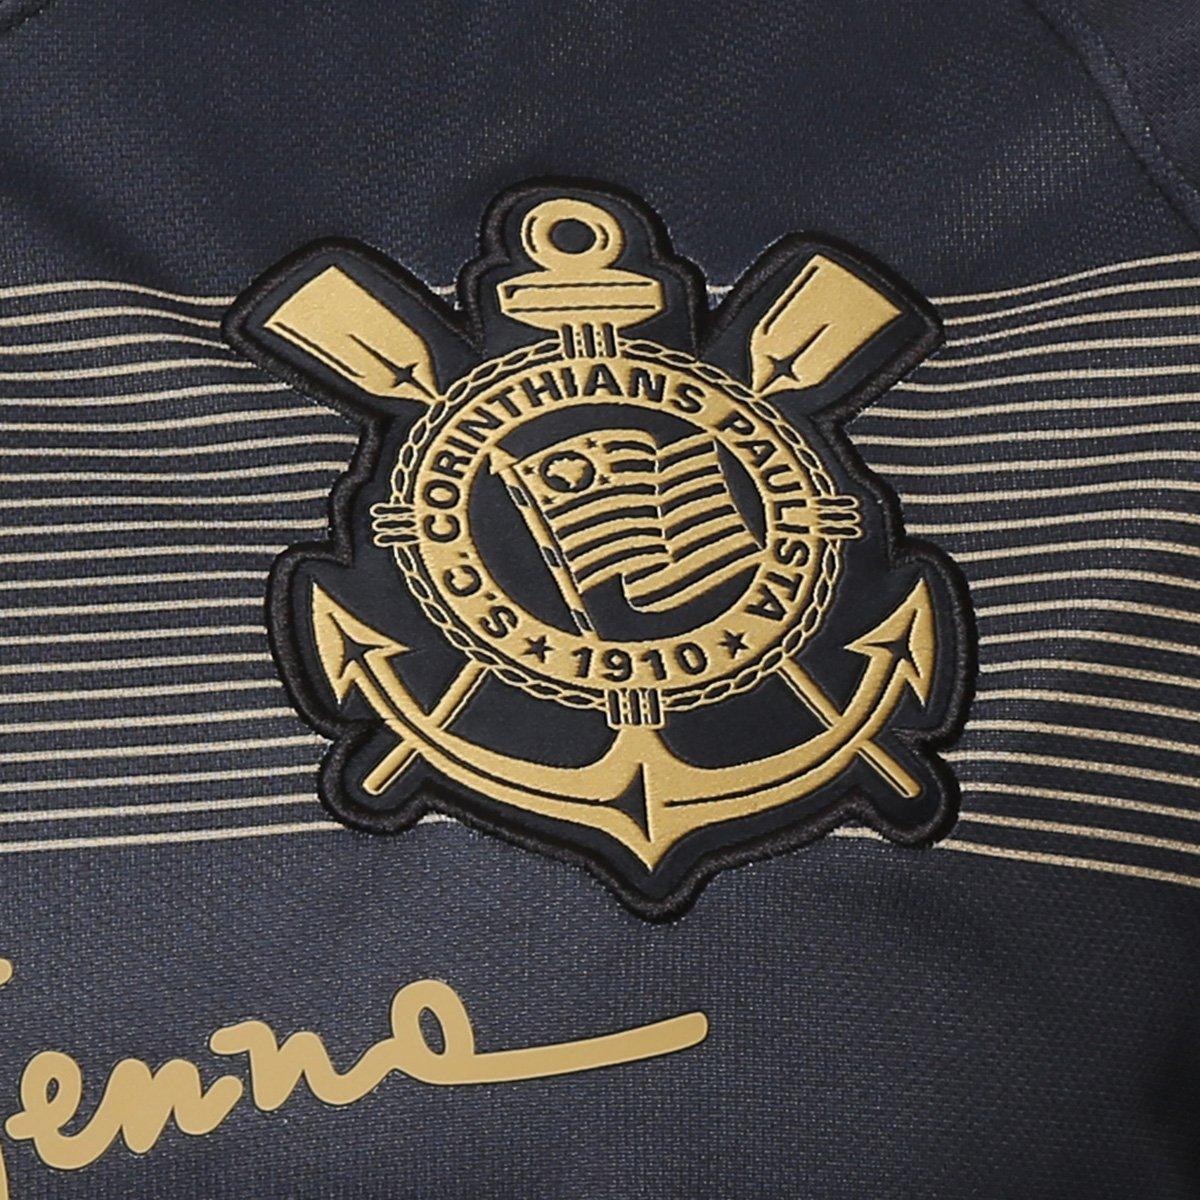 471a673582 Camisa Corinthians III 2018 s n° - Torcedor Nike Masculina - Preto e ...